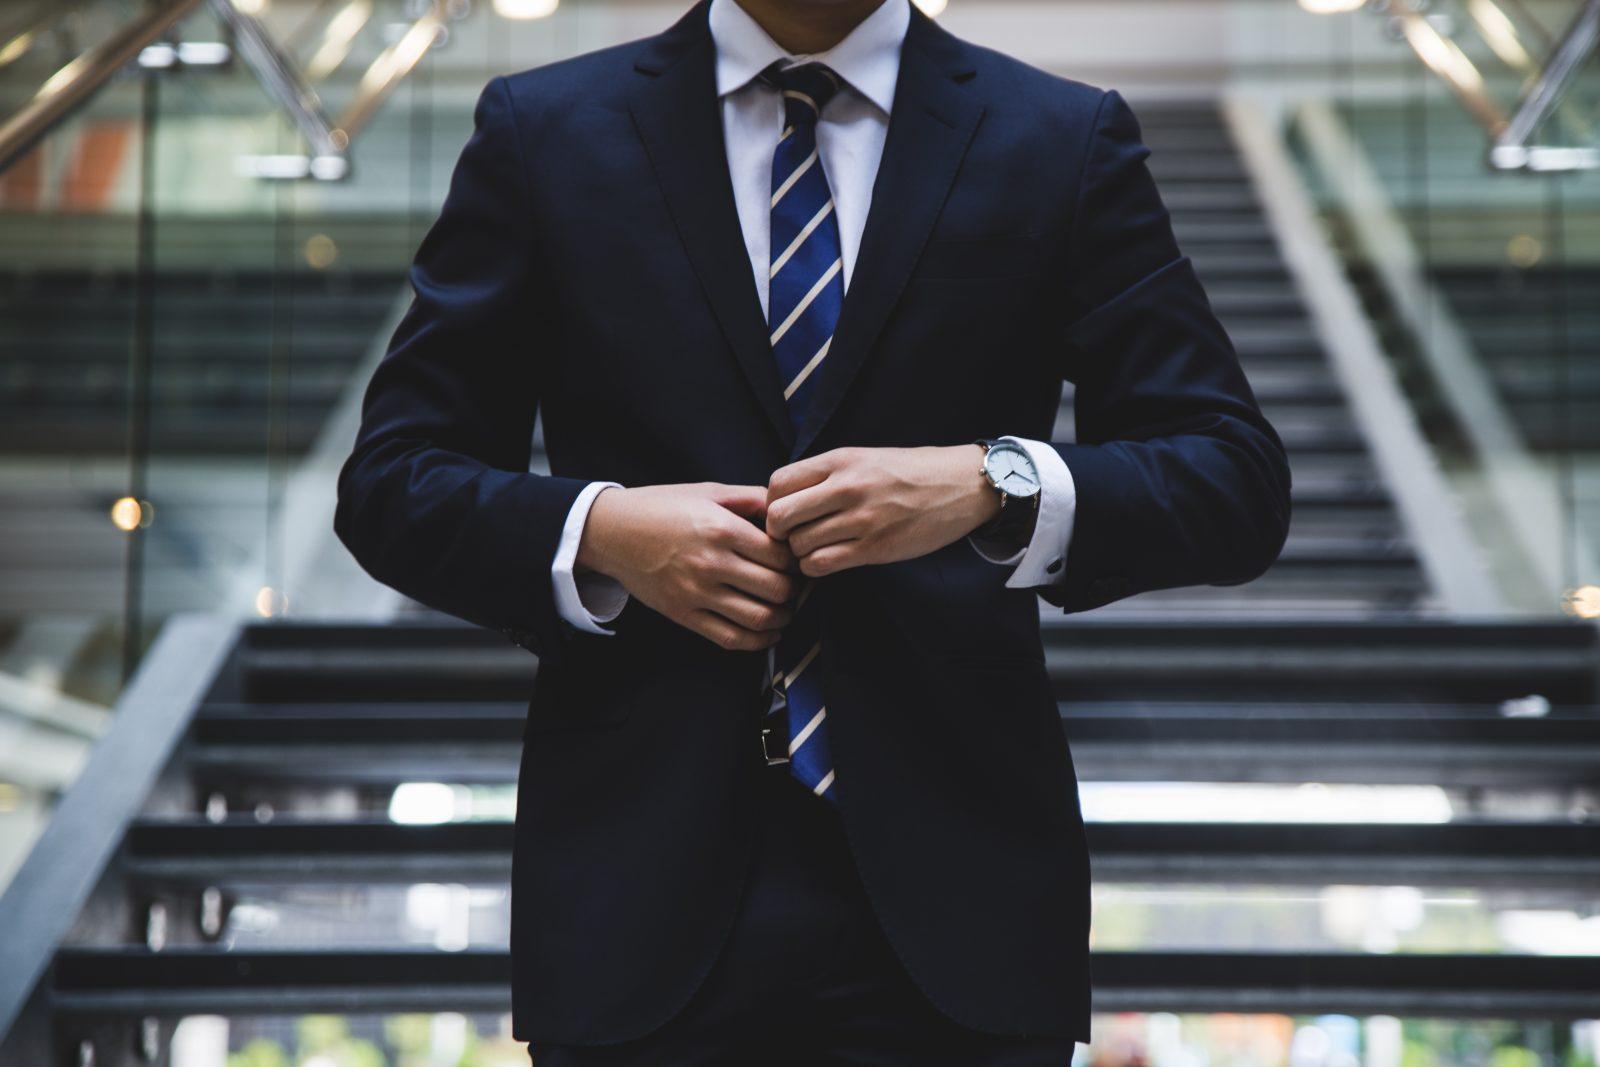 老板会聘请专业的咨询顾问,为他们出谋划策,提供意见。但是,有些经营顾问过去经营的经验与我们的行业不一样;顾问提出的意见,一般上老板只是作为参考而已。最后,现代流行的顾问模式是教练式的顾问,西方应用了Coaching, Mentoring和Facilitator 这些观念